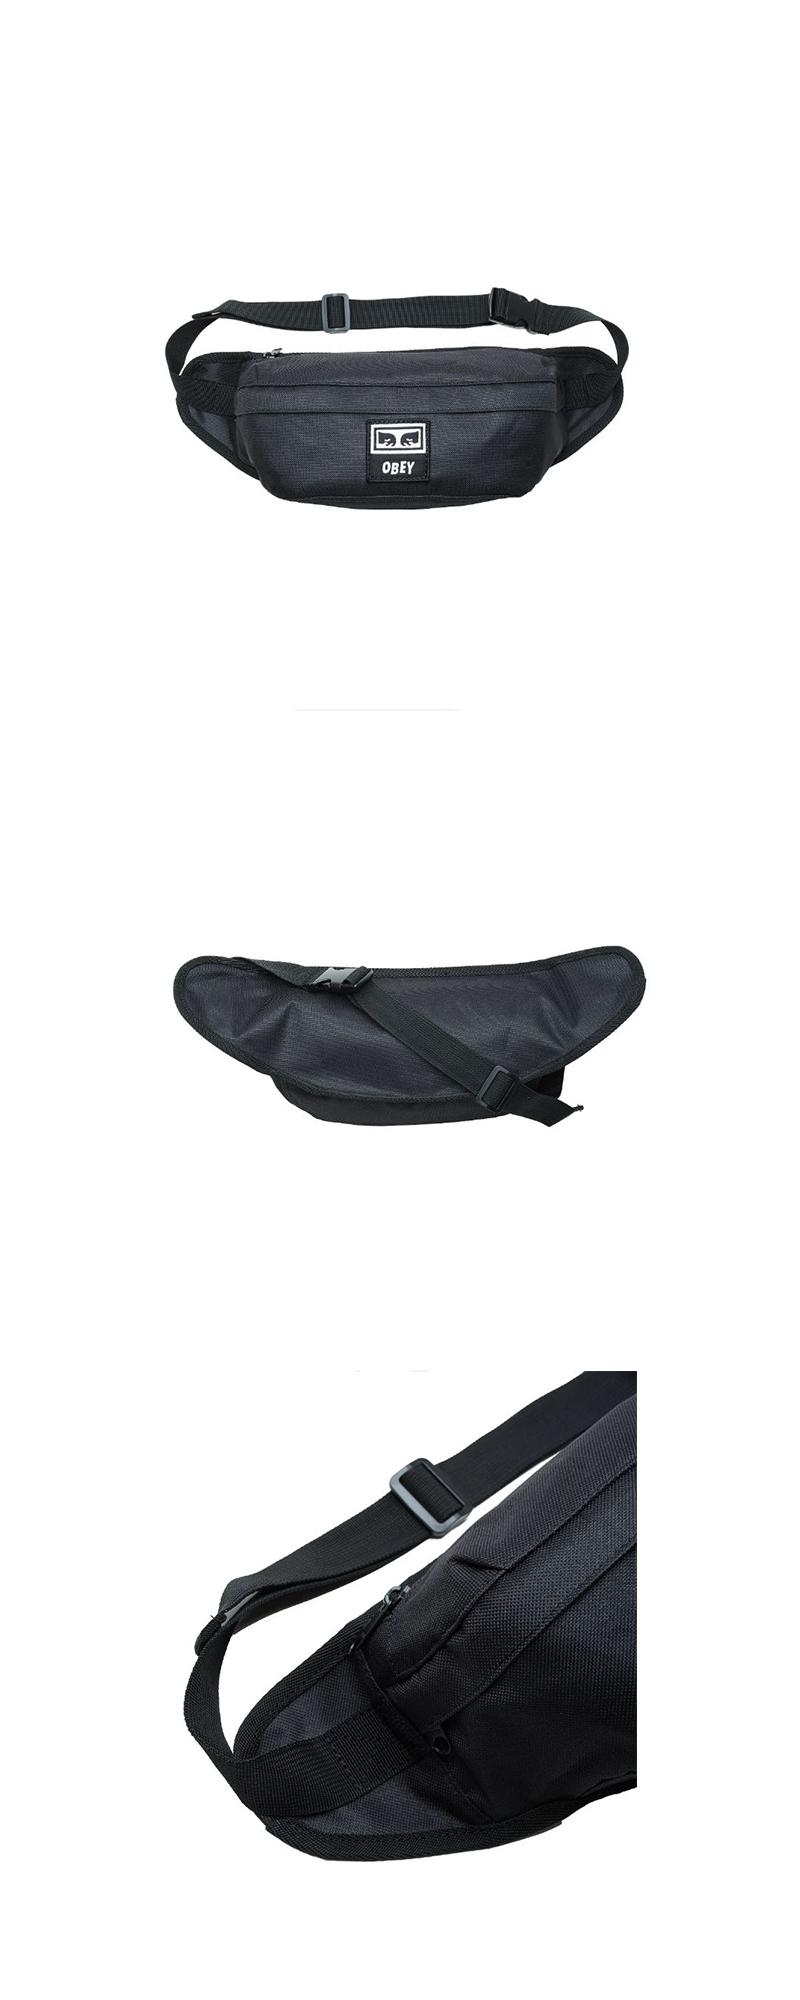 오베이 슬링백 TAKEOVER SLING BAG 100010121 BLACK